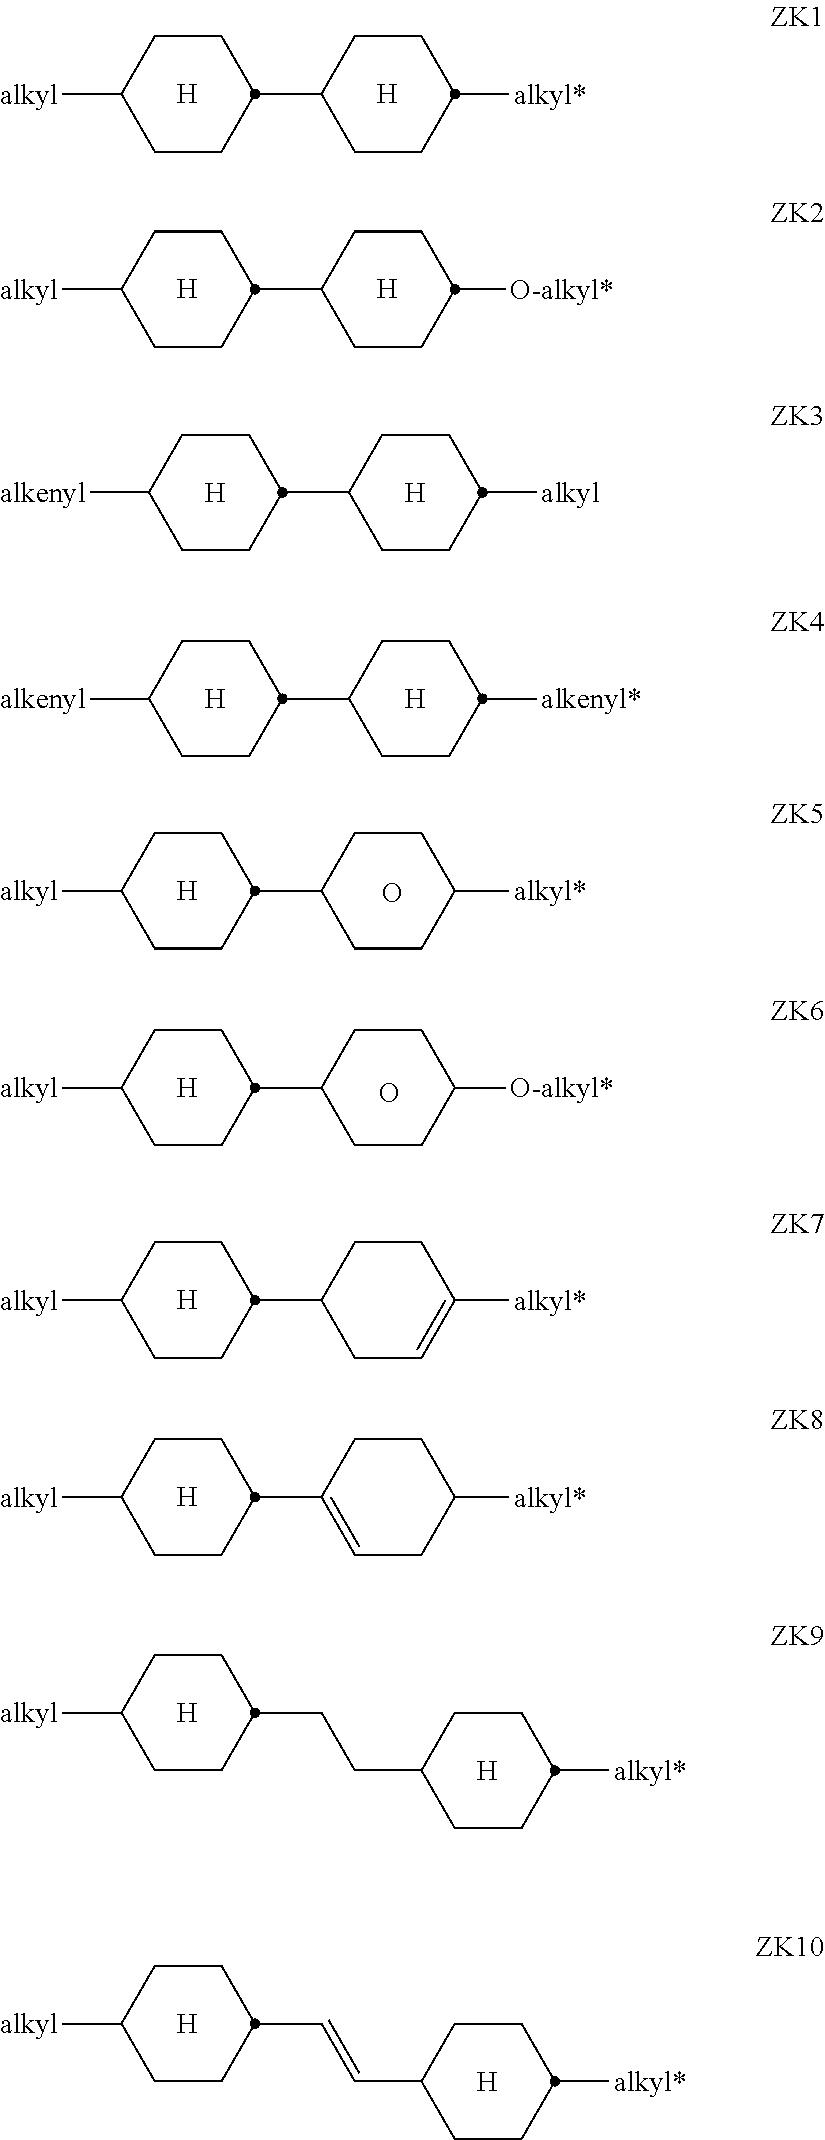 Figure US20110051049A1-20110303-C00021